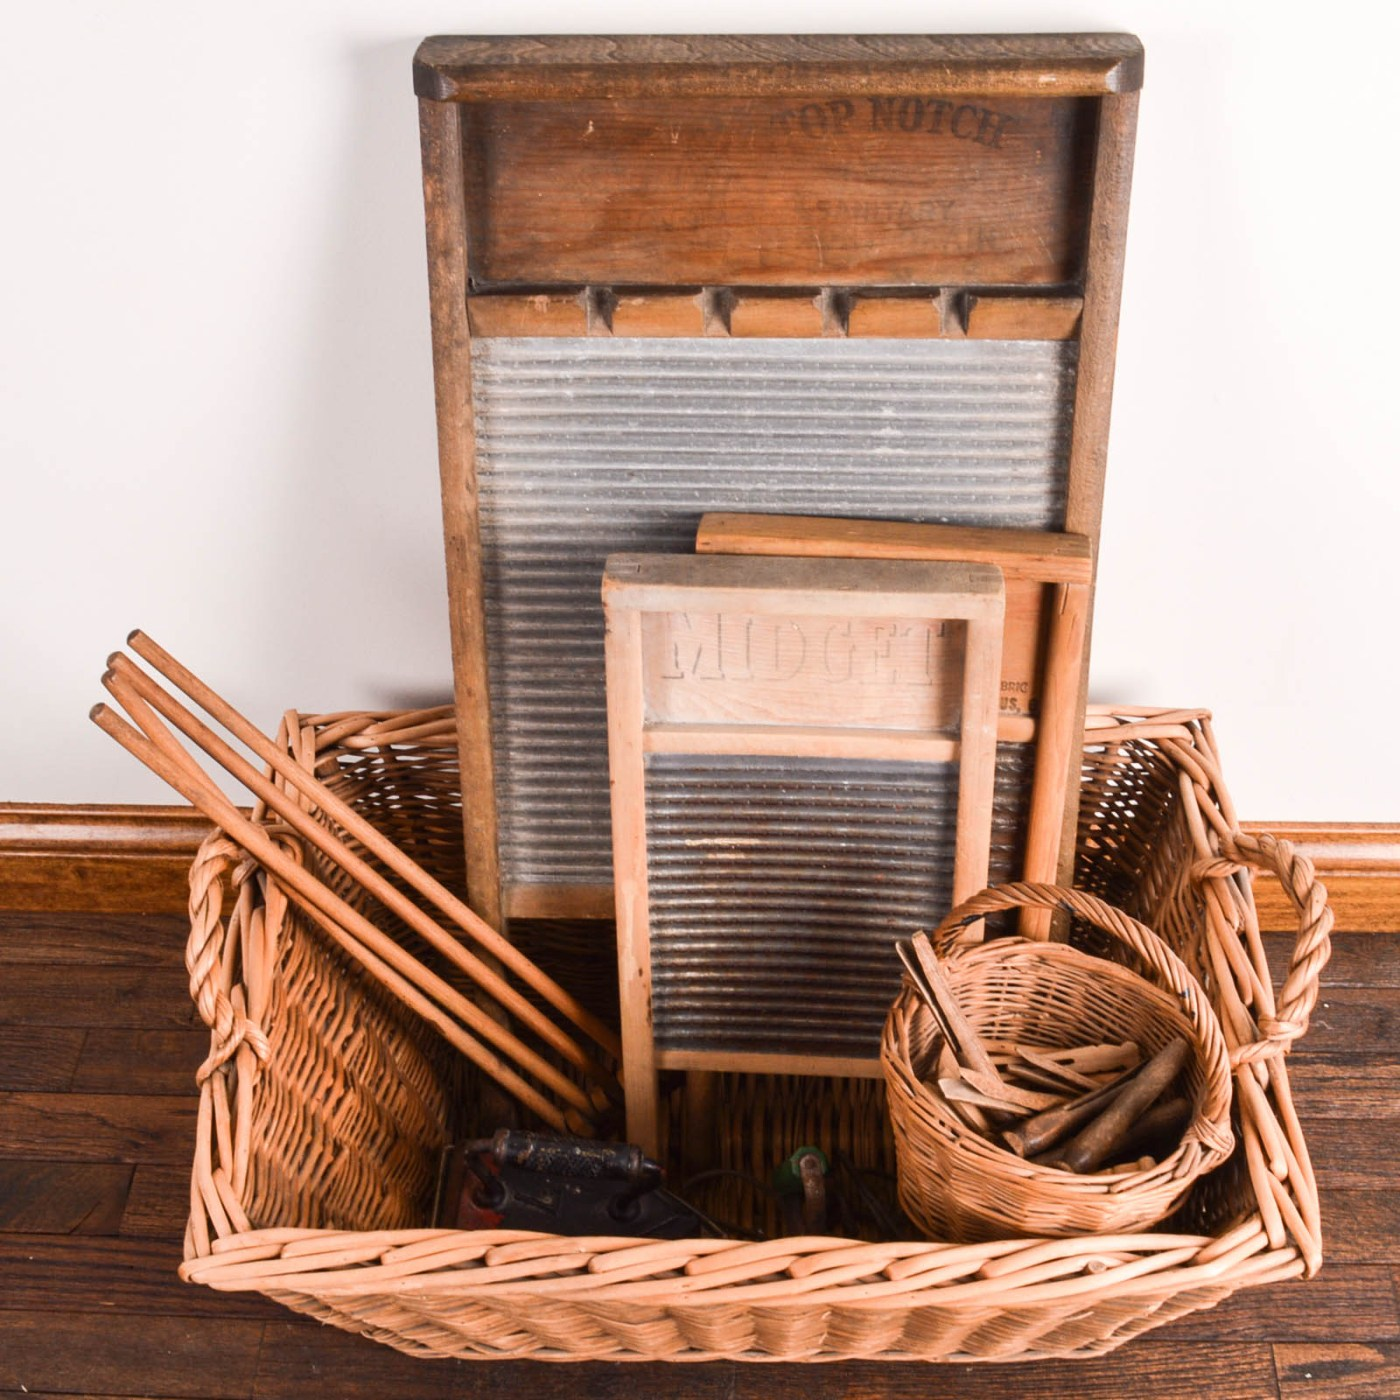 Vintage Laundry Tools Ebth